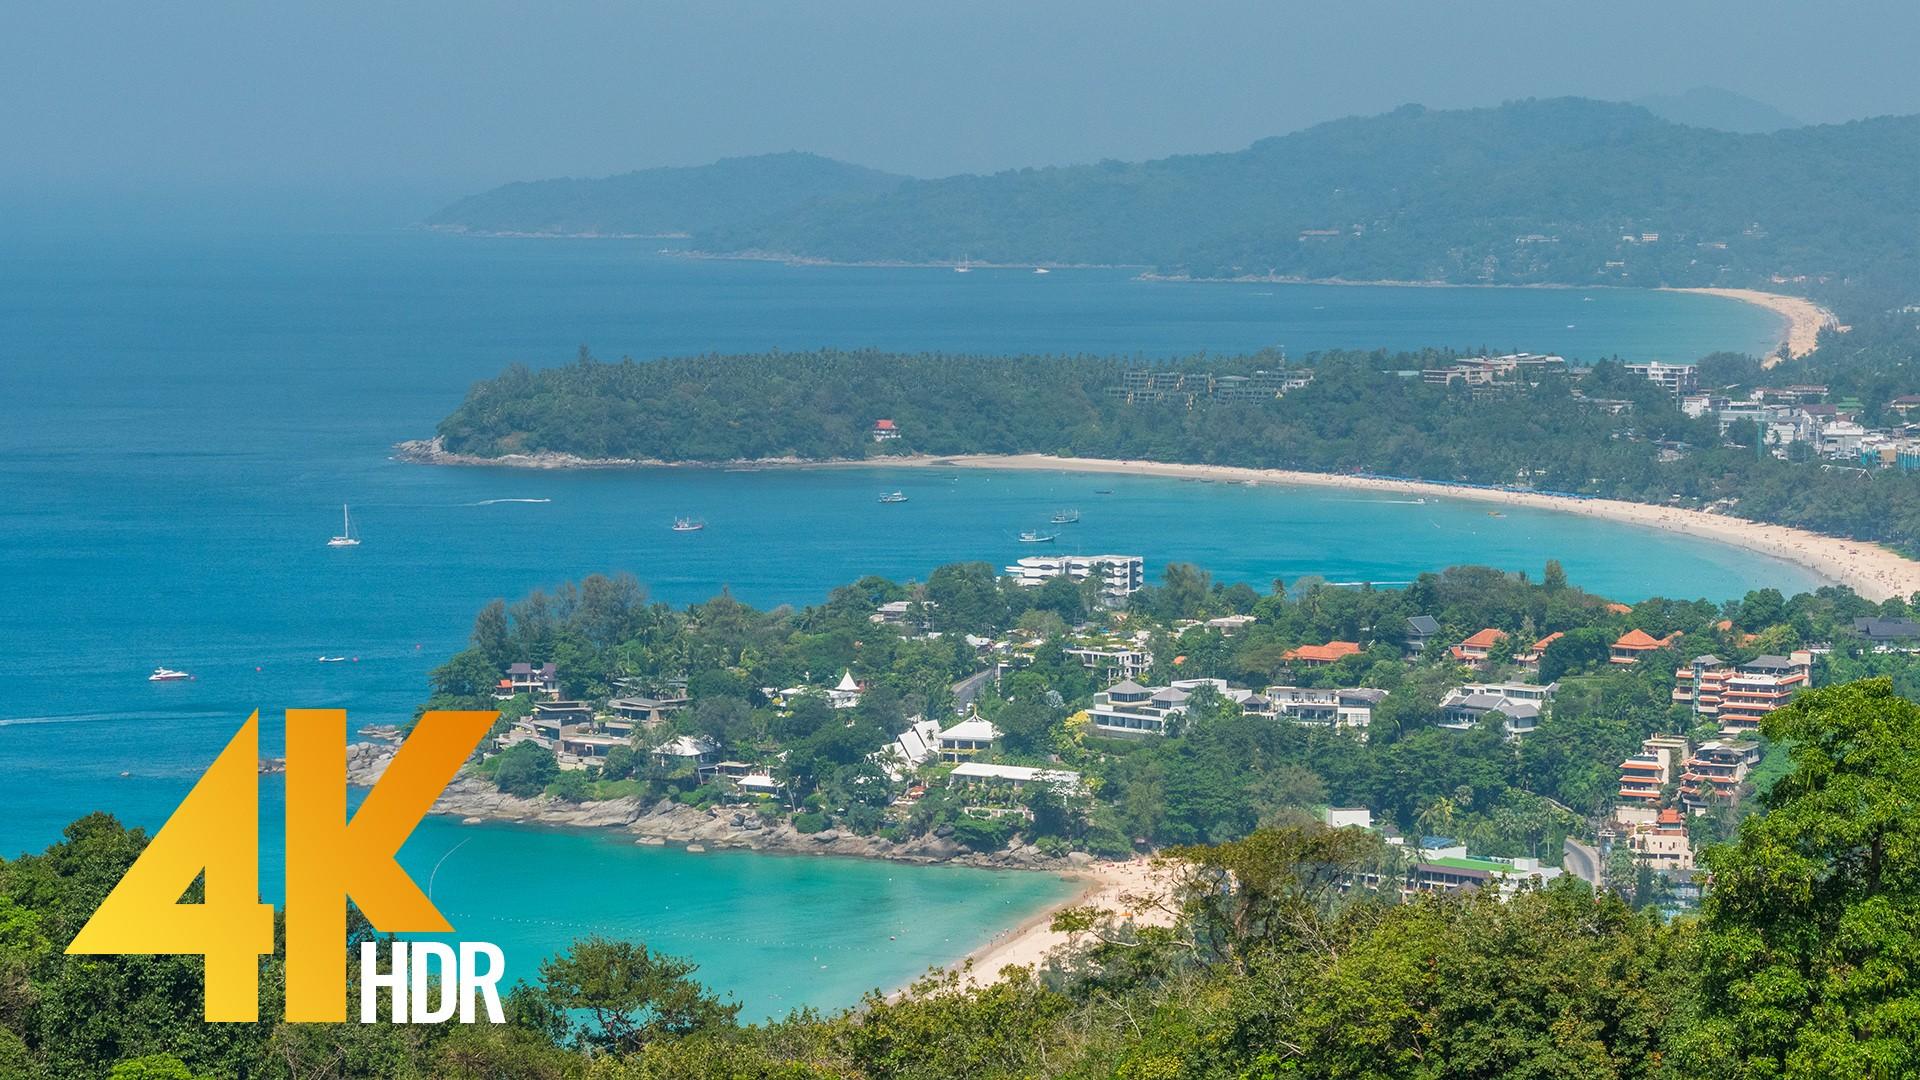 Beaches of Phuket, Thailand RELAX